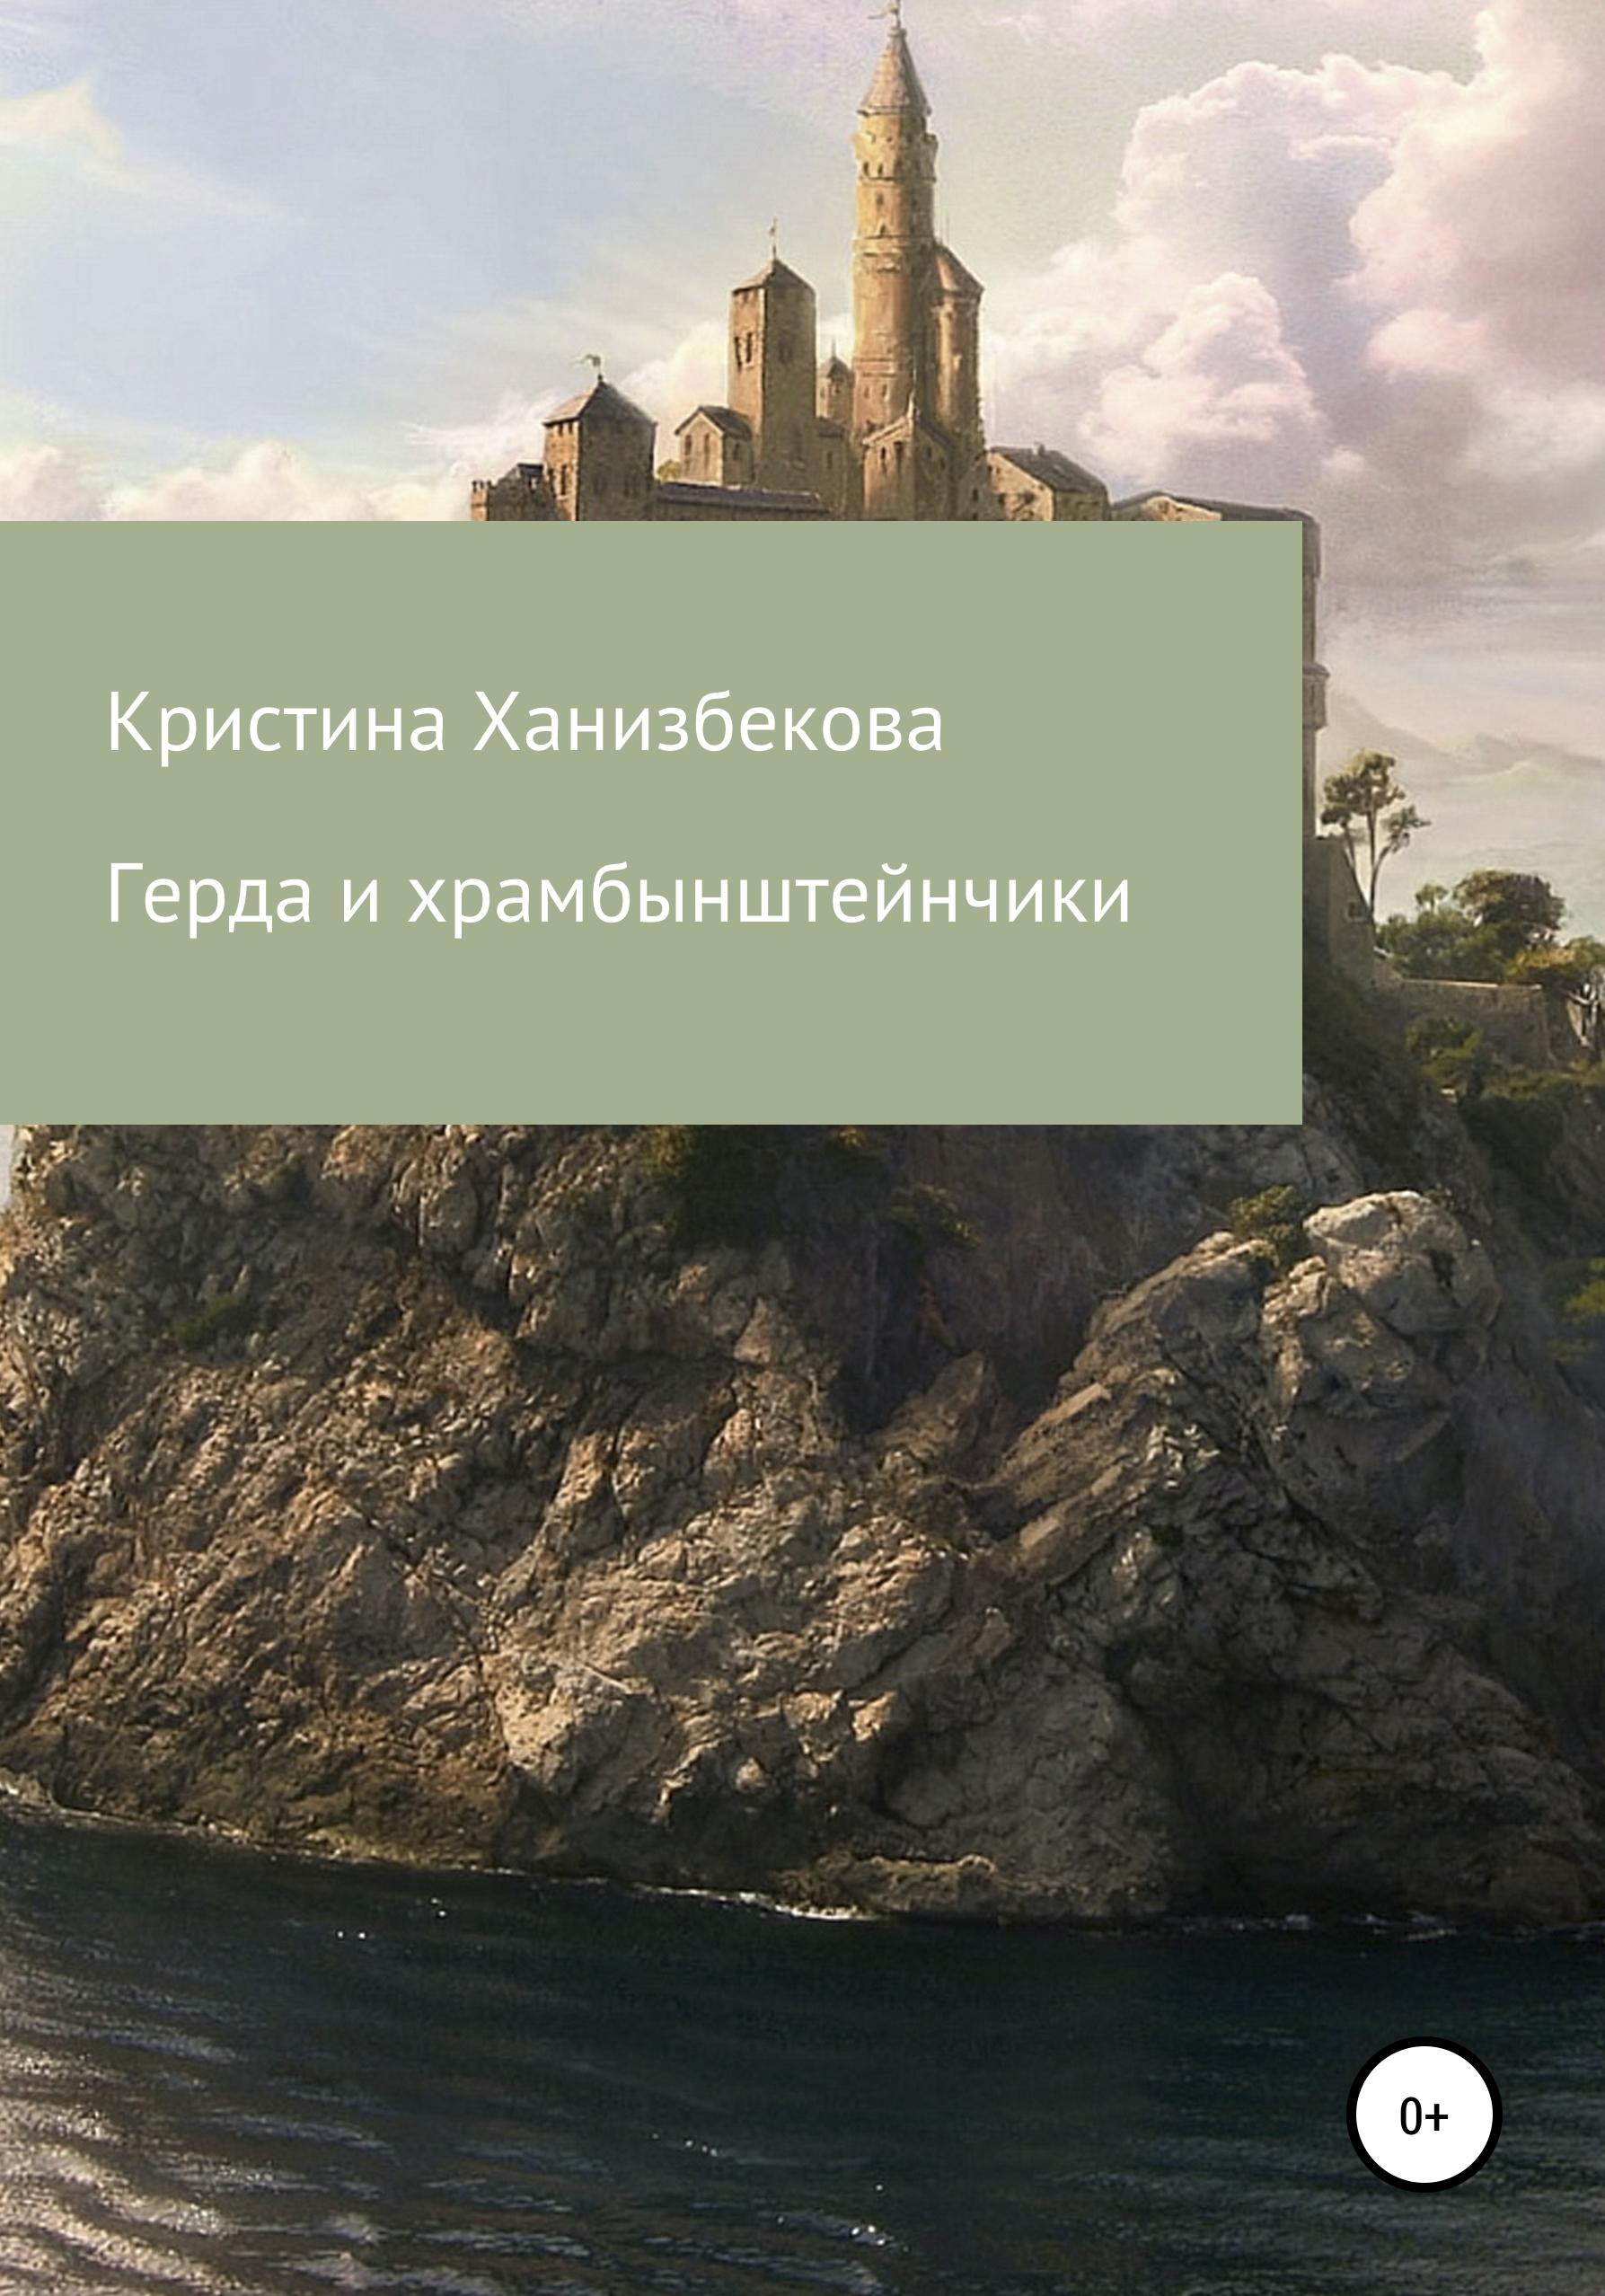 Купить книгу Герда и храмбынштейнчики, автора Кристины Ханизбековой